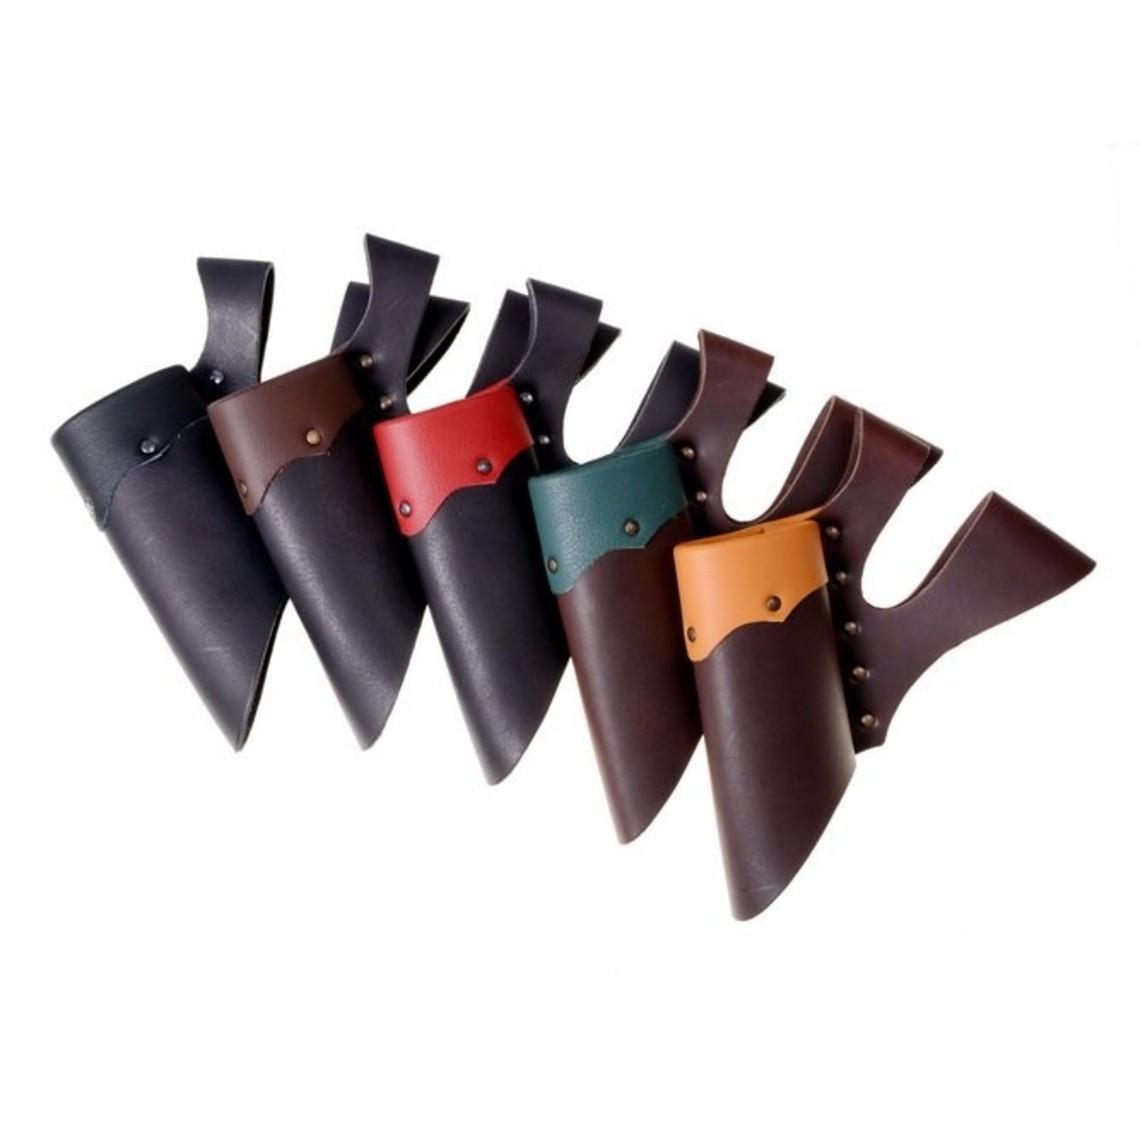 titular de cuero con doble bucle para las espadas LARP, verde-marrón